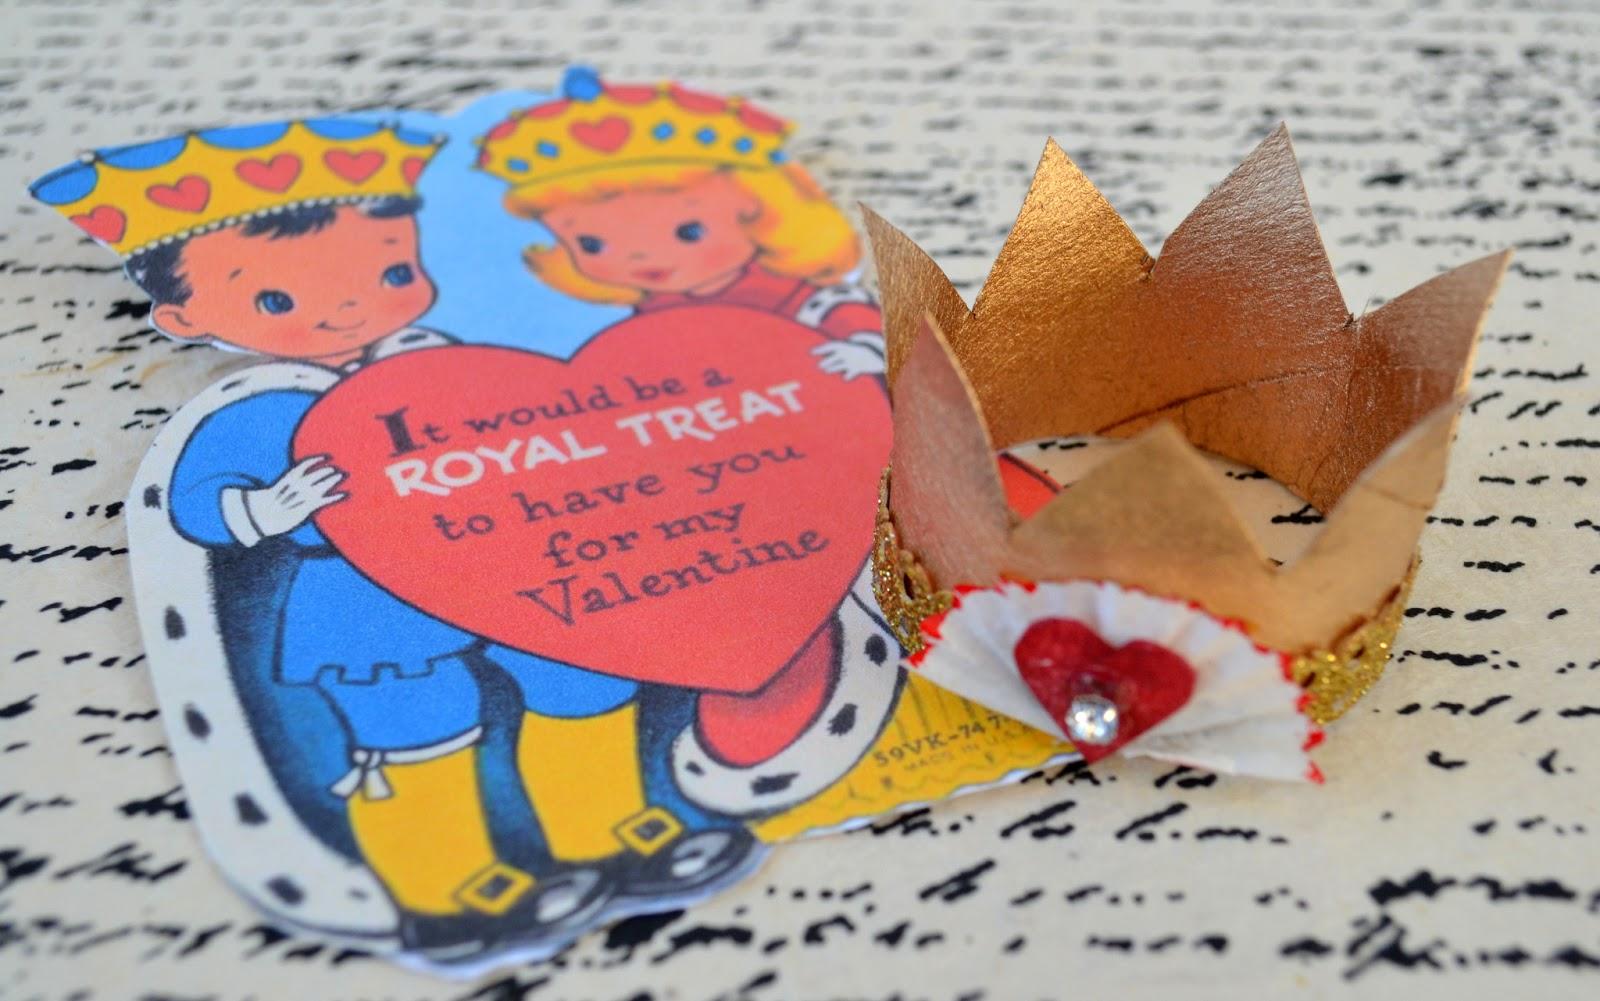 http://4.bp.blogspot.com/-oLlQp_H4miU/UQnvuv1sUuI/AAAAAAAAVVE/x8d7Gs4ltOE/s1600/valentine+paper+crown+project+diy.JPG